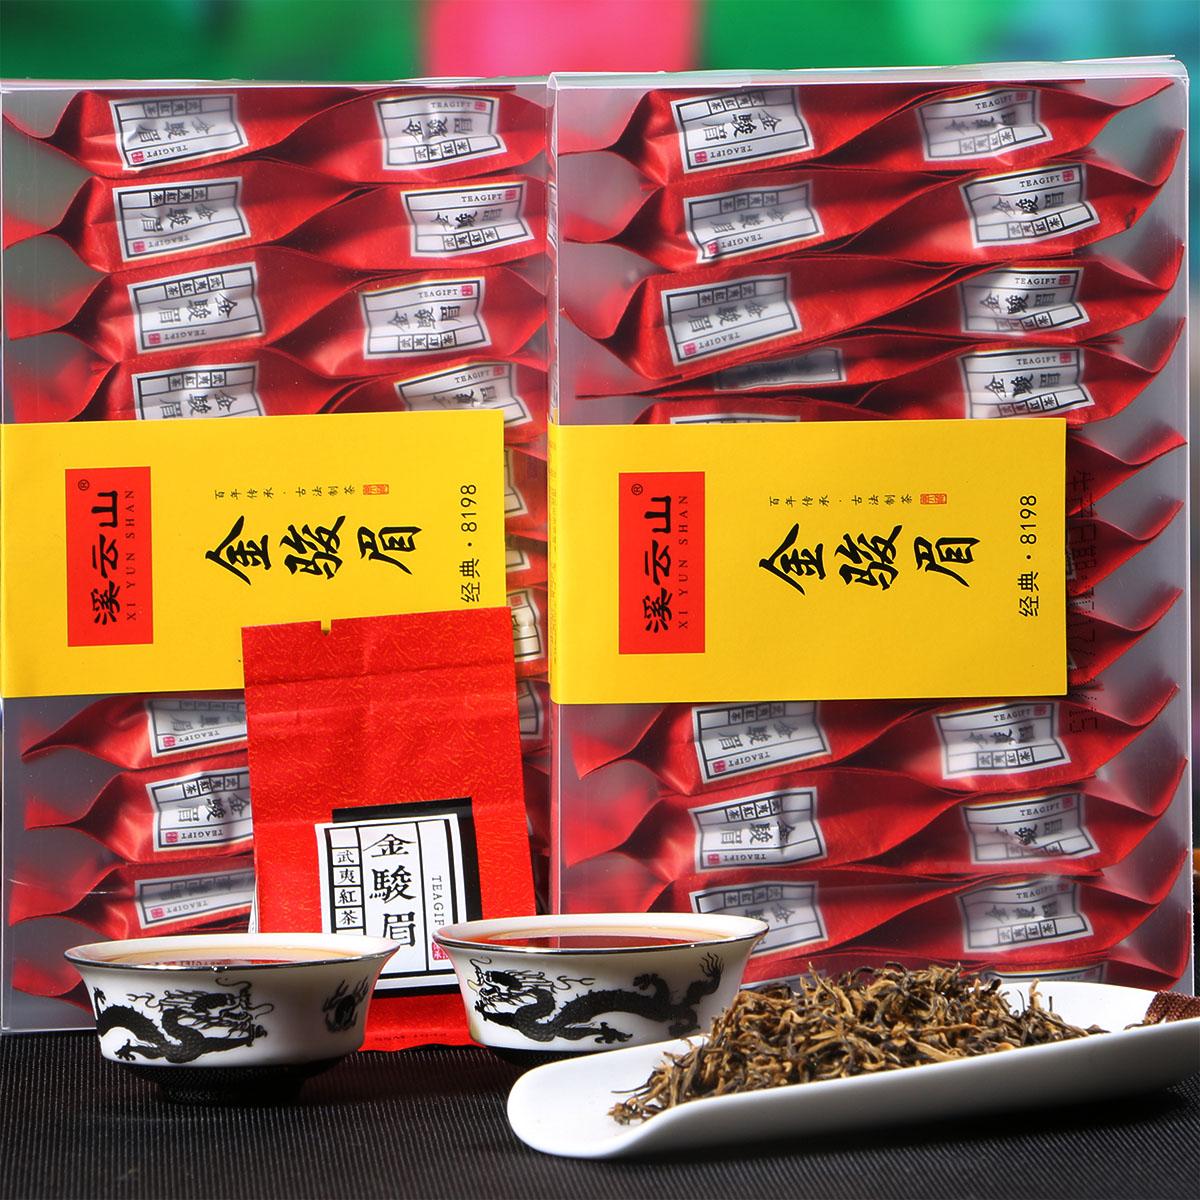 金骏眉红茶茶叶蜜香散装武夷山岩茶桐木关金俊眉袋装礼盒装500g